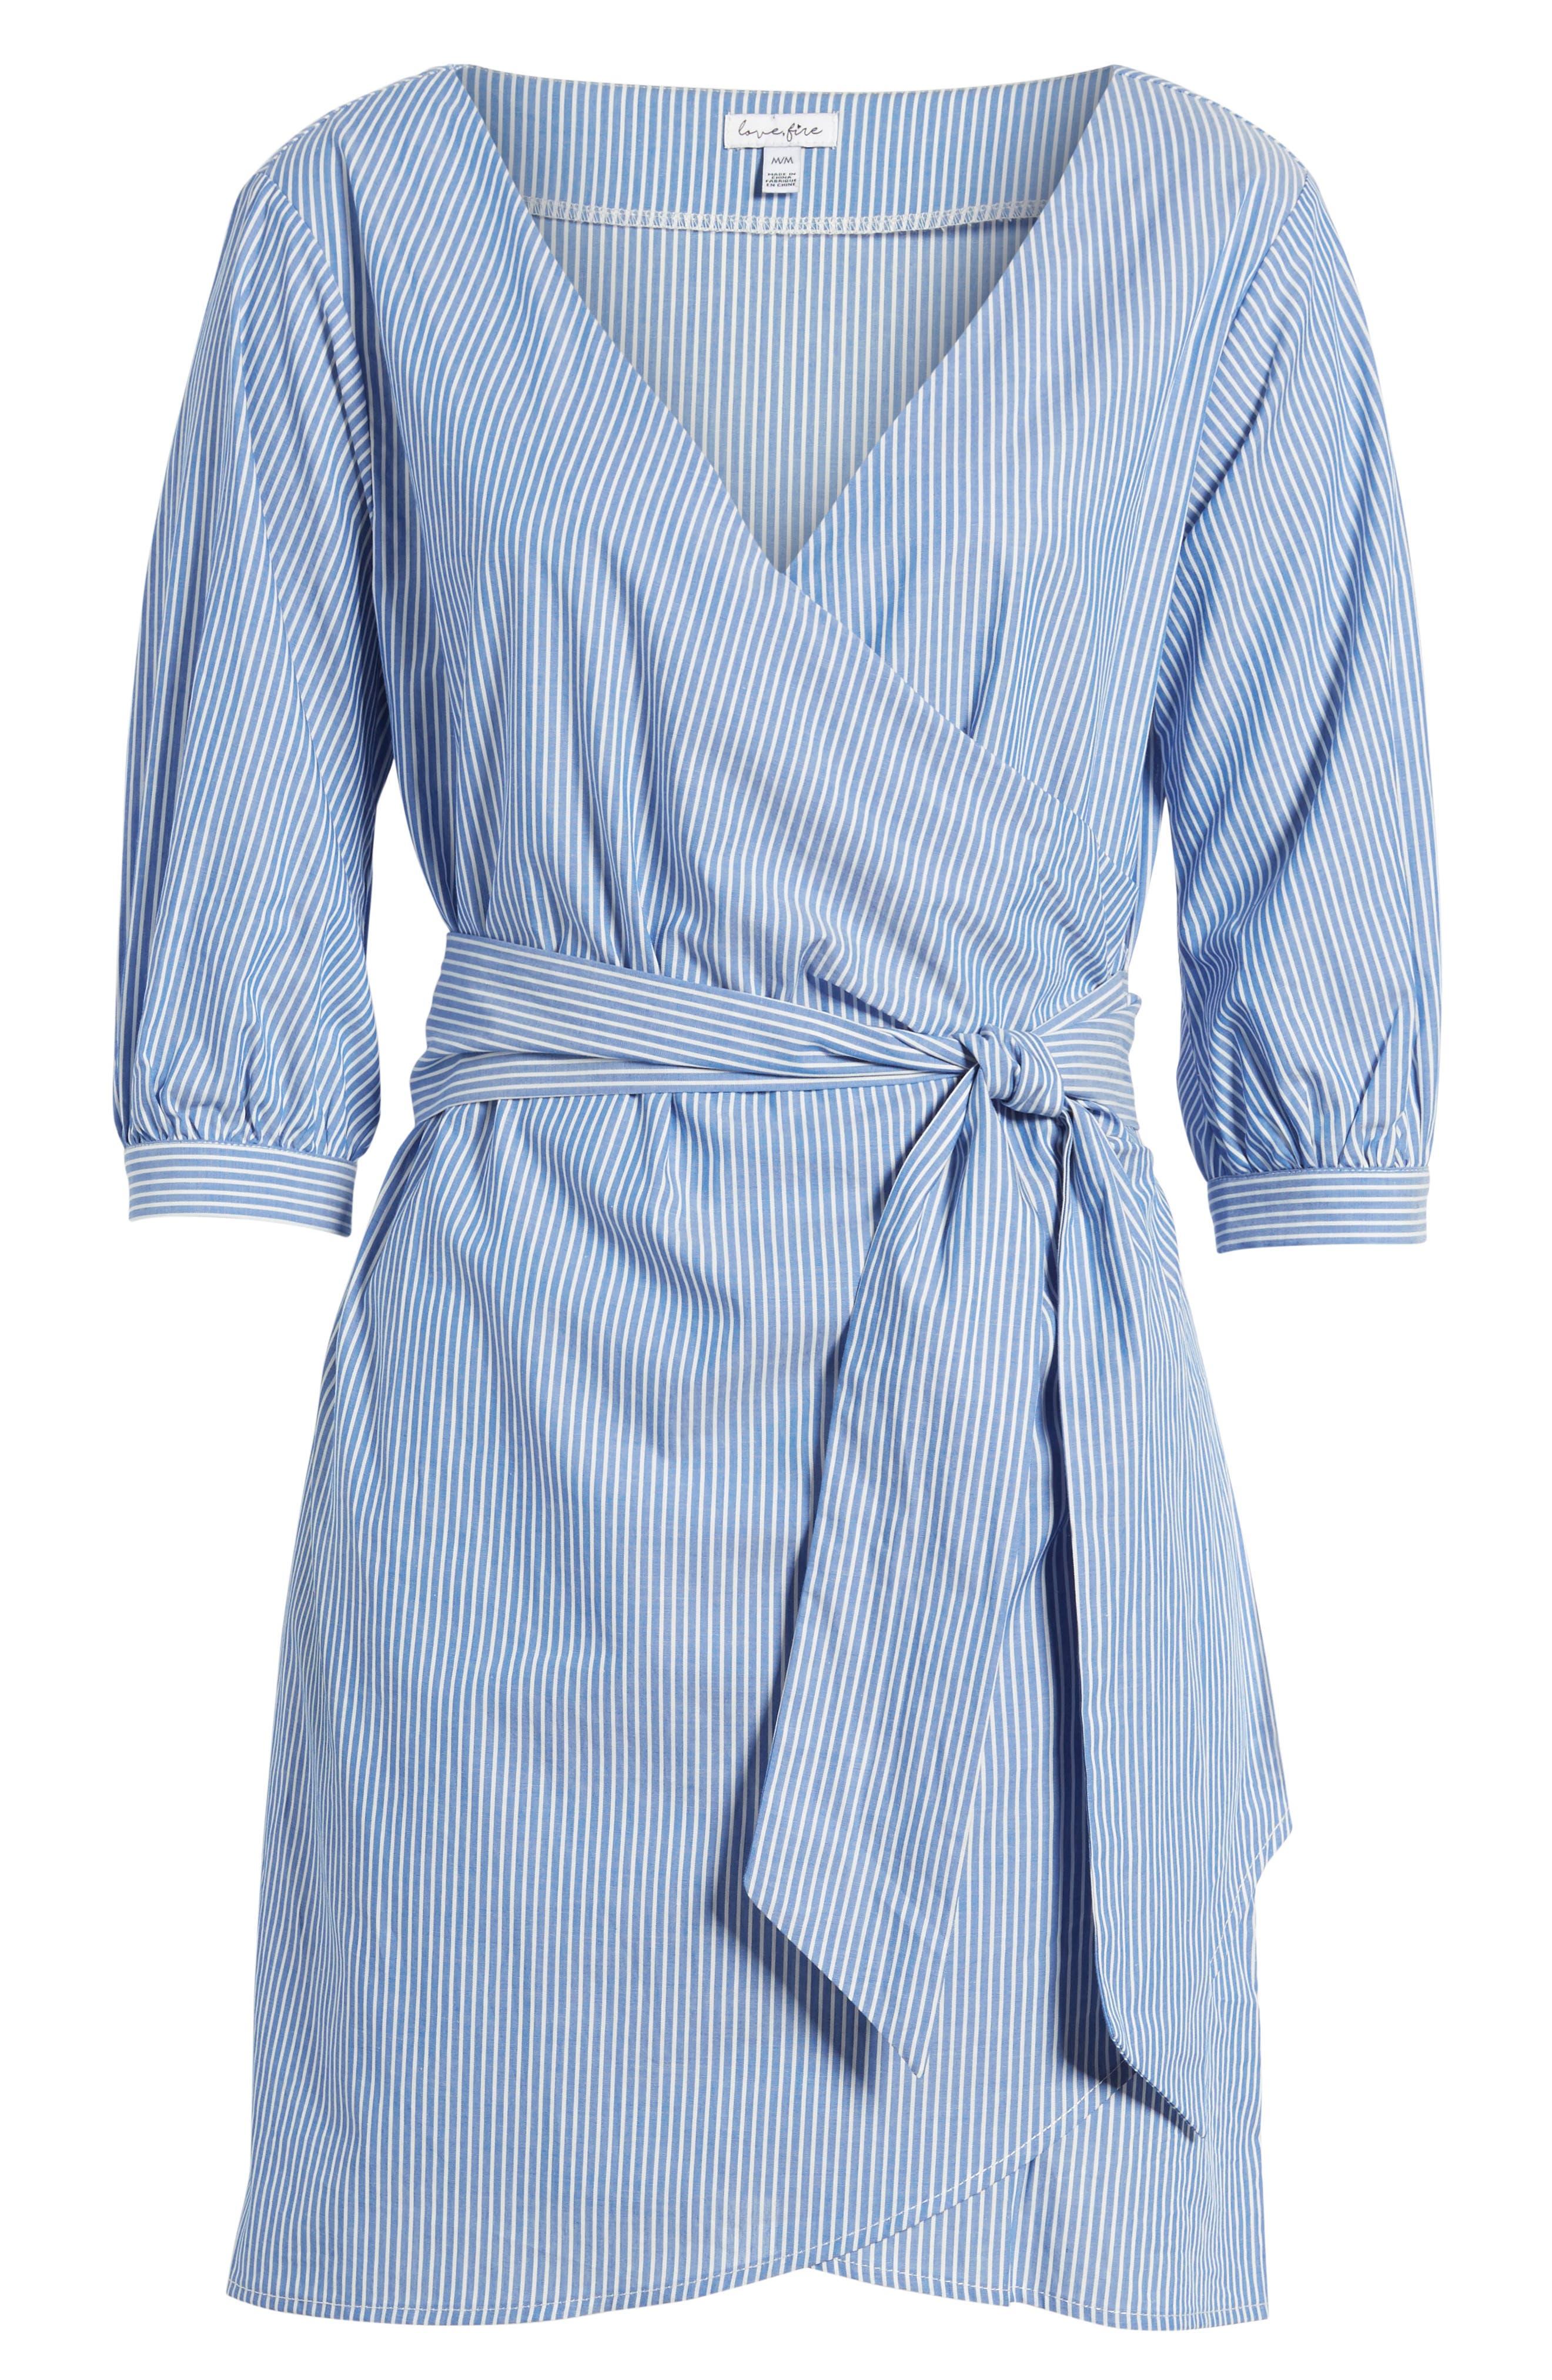 Cotton Poplin Wrap Dress,                             Alternate thumbnail 6, color,                             Blue White Stripe